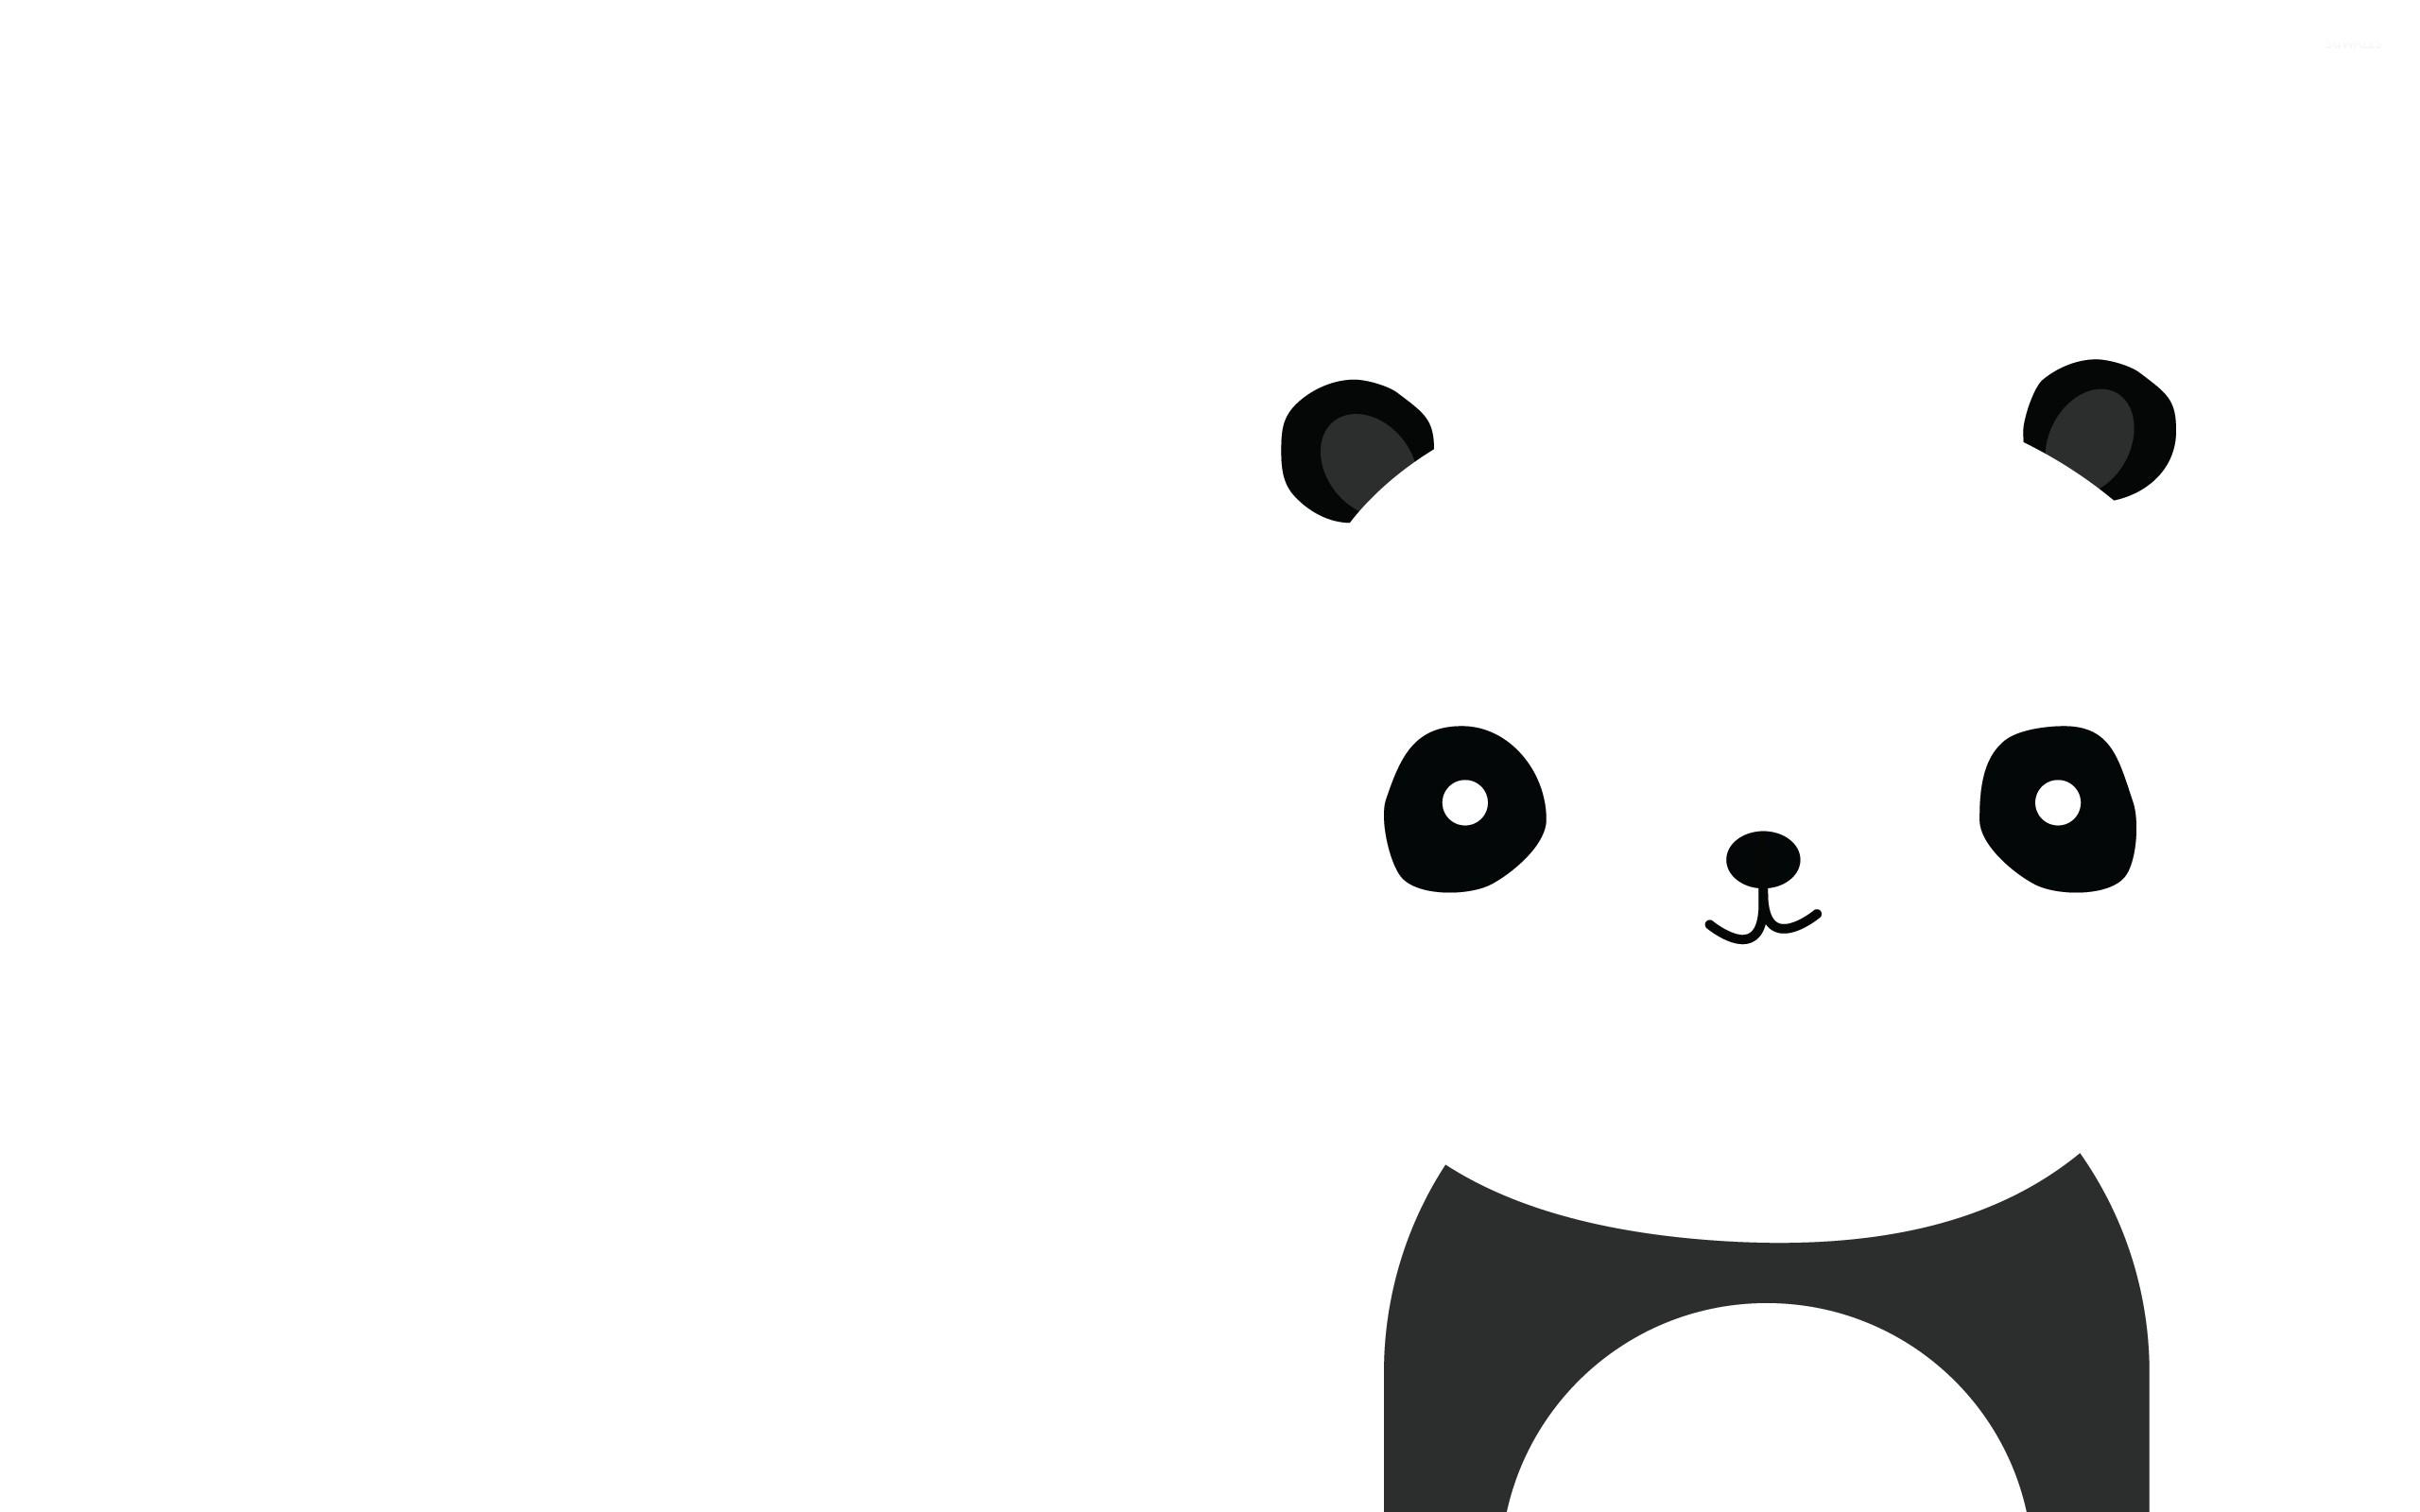 Cute panda wallpaper jpg